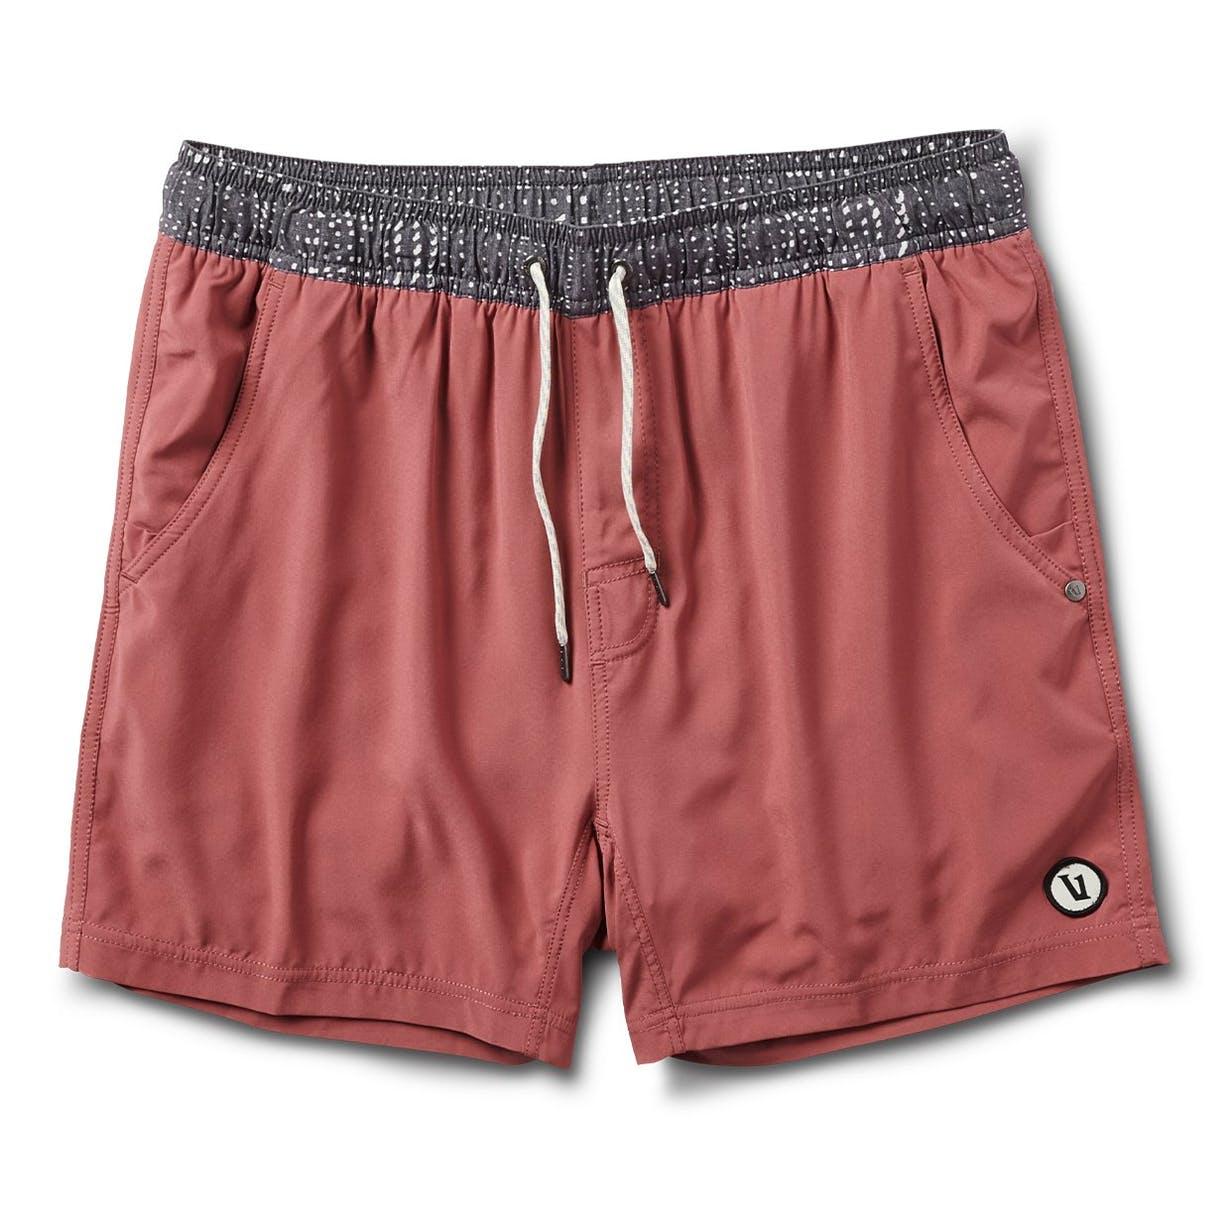 Vuori short shorts for men